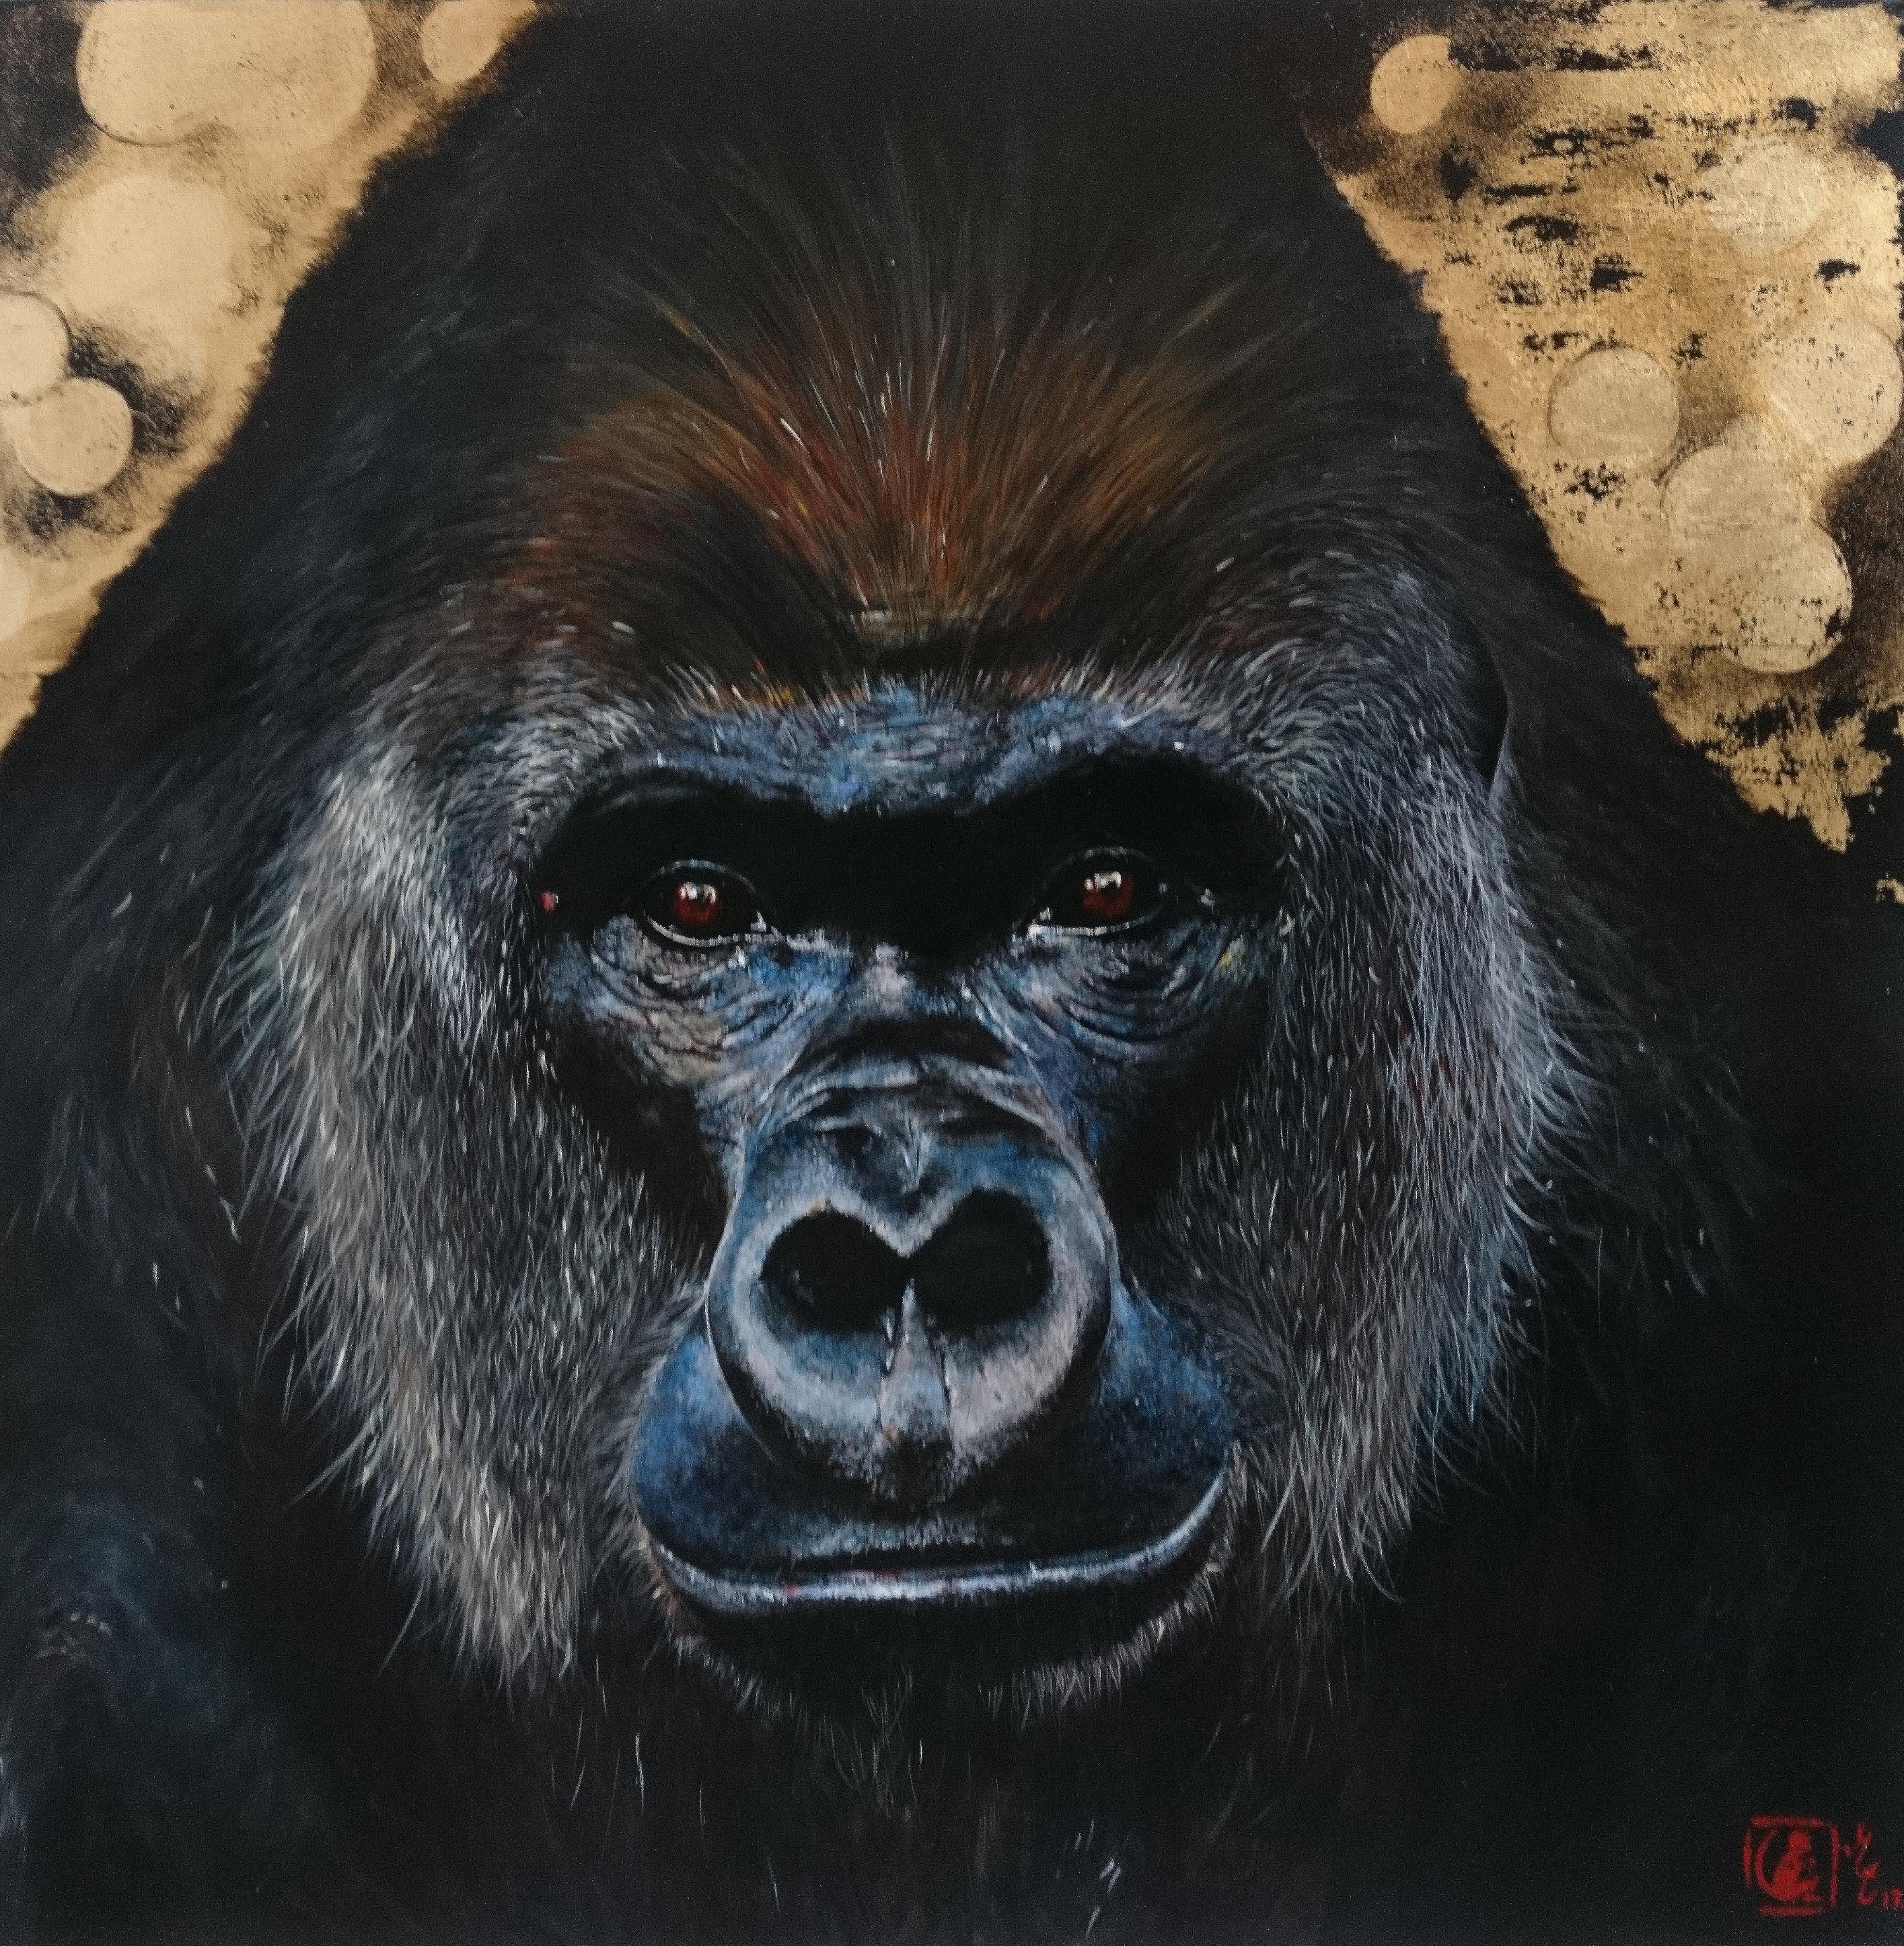 Kumbuka (le gorille)